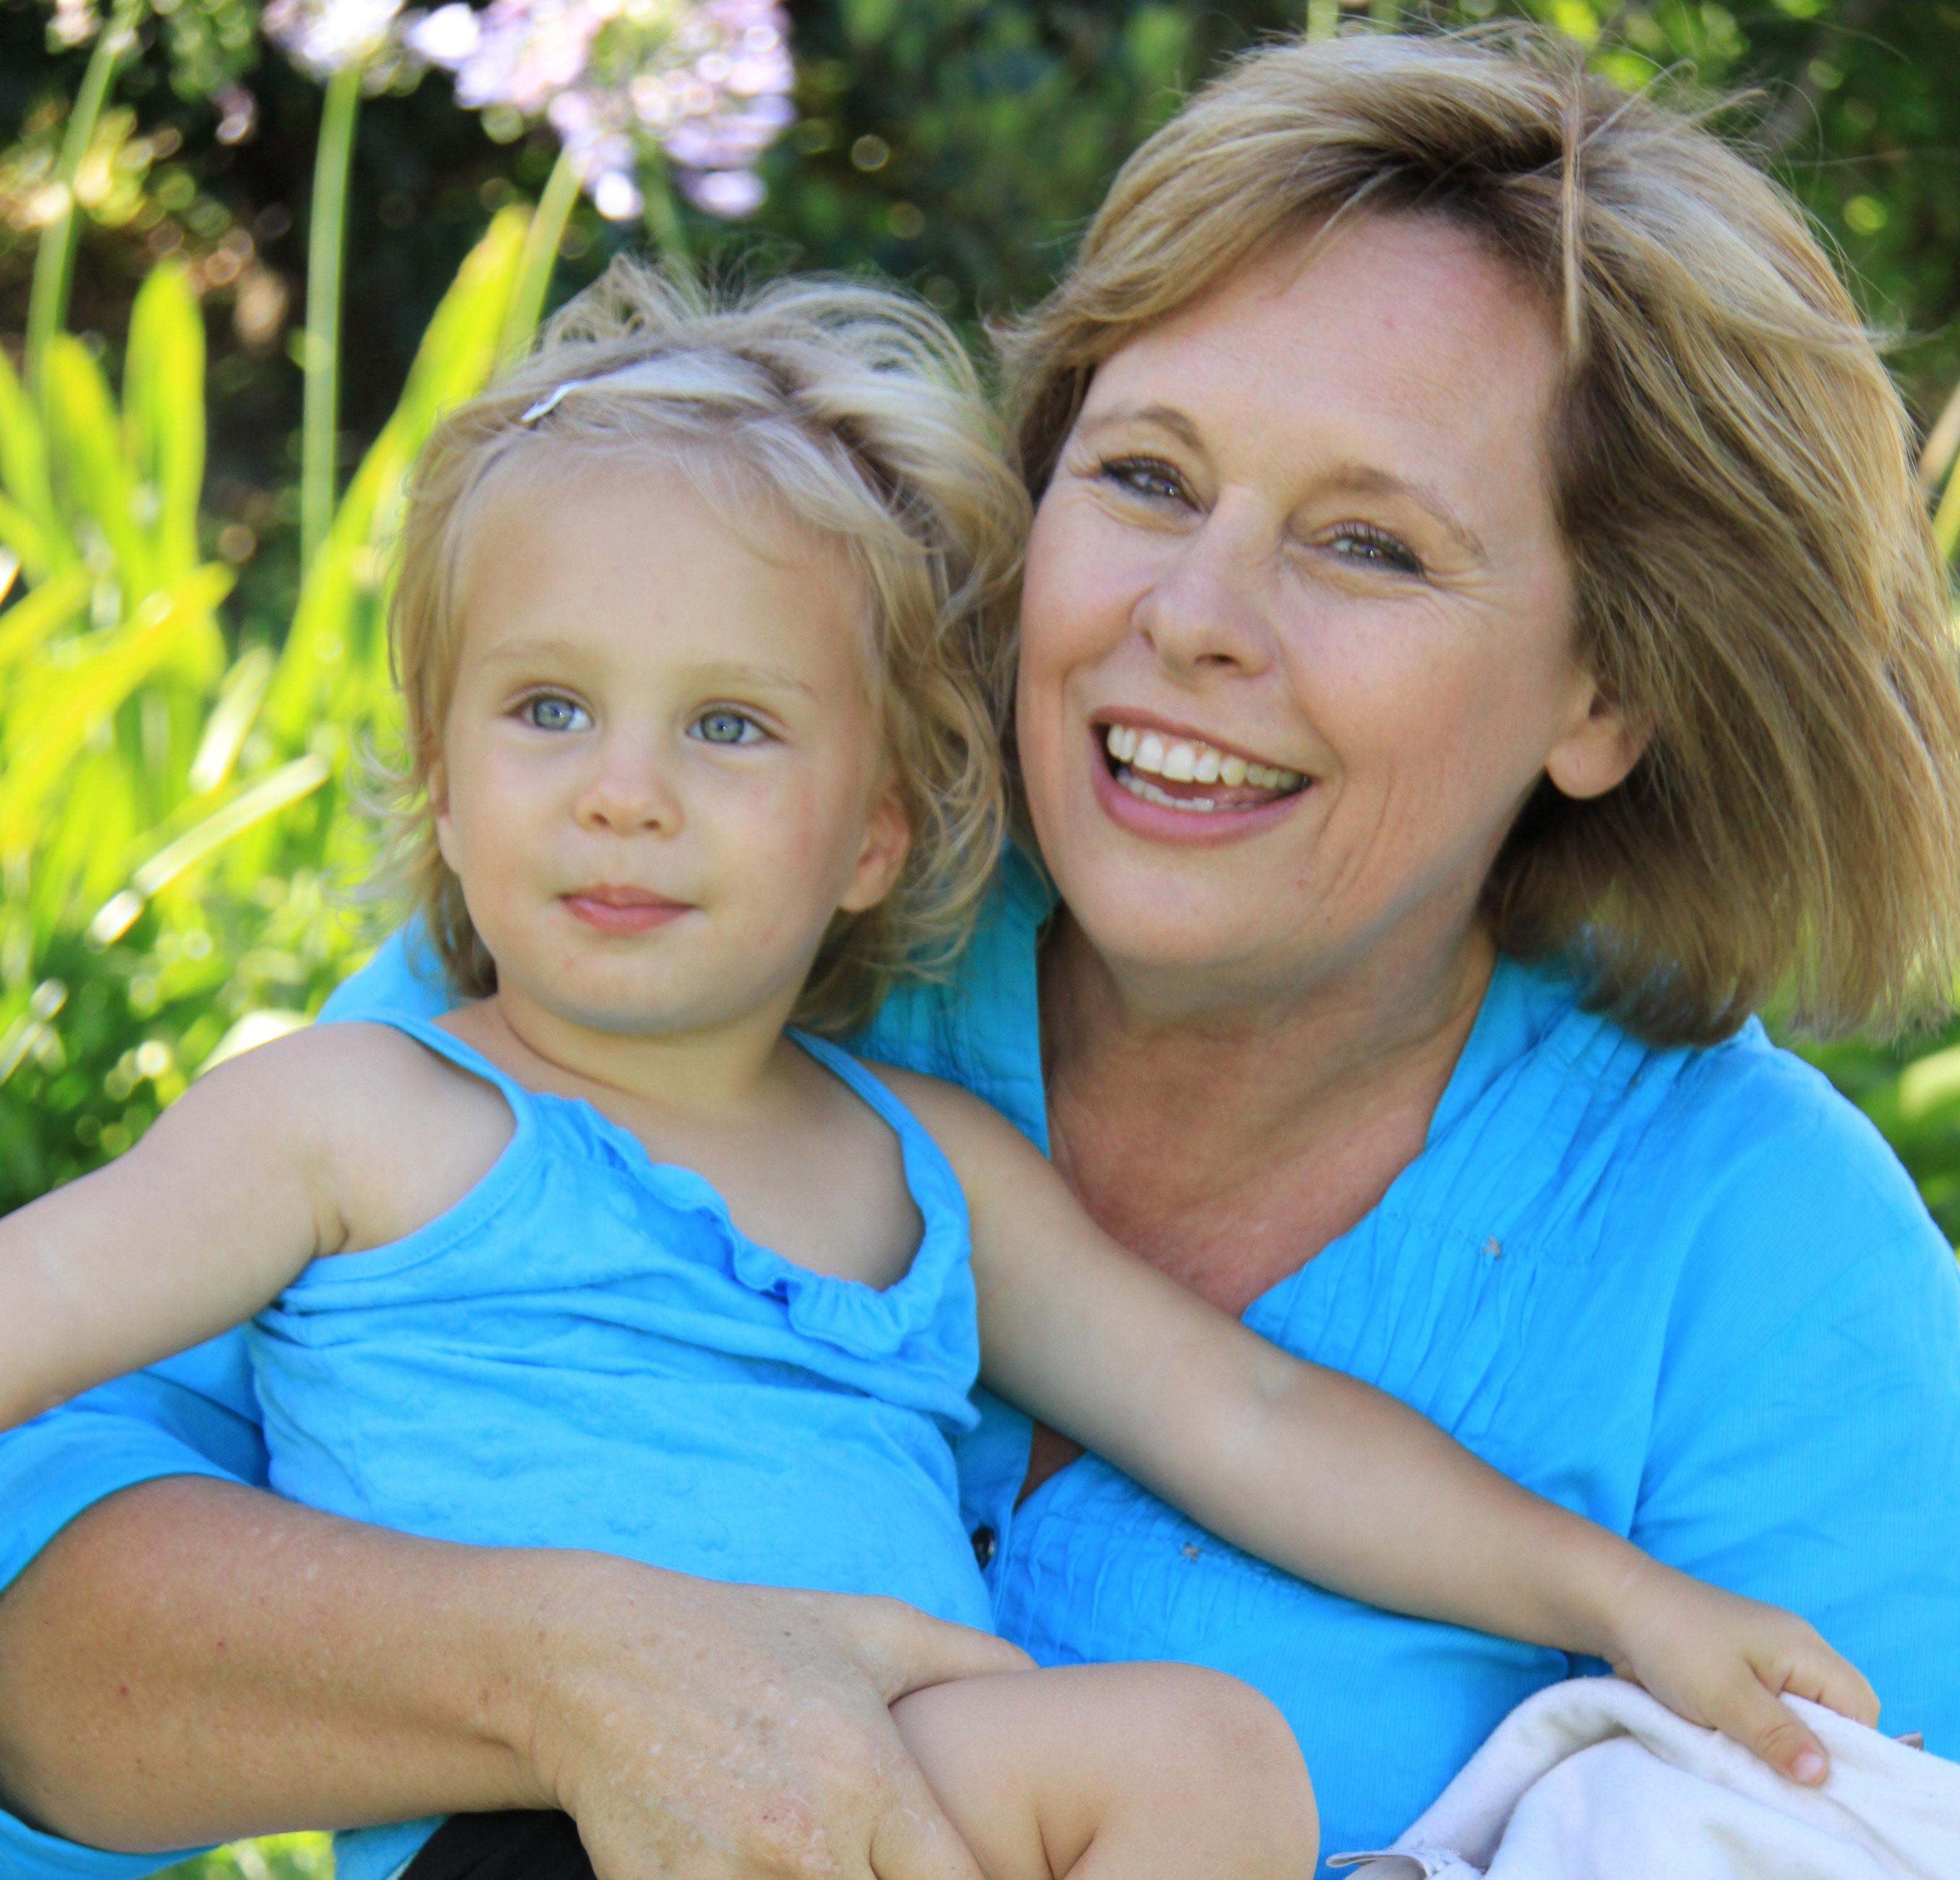 Autism doctor and Super Granny to speak in PE